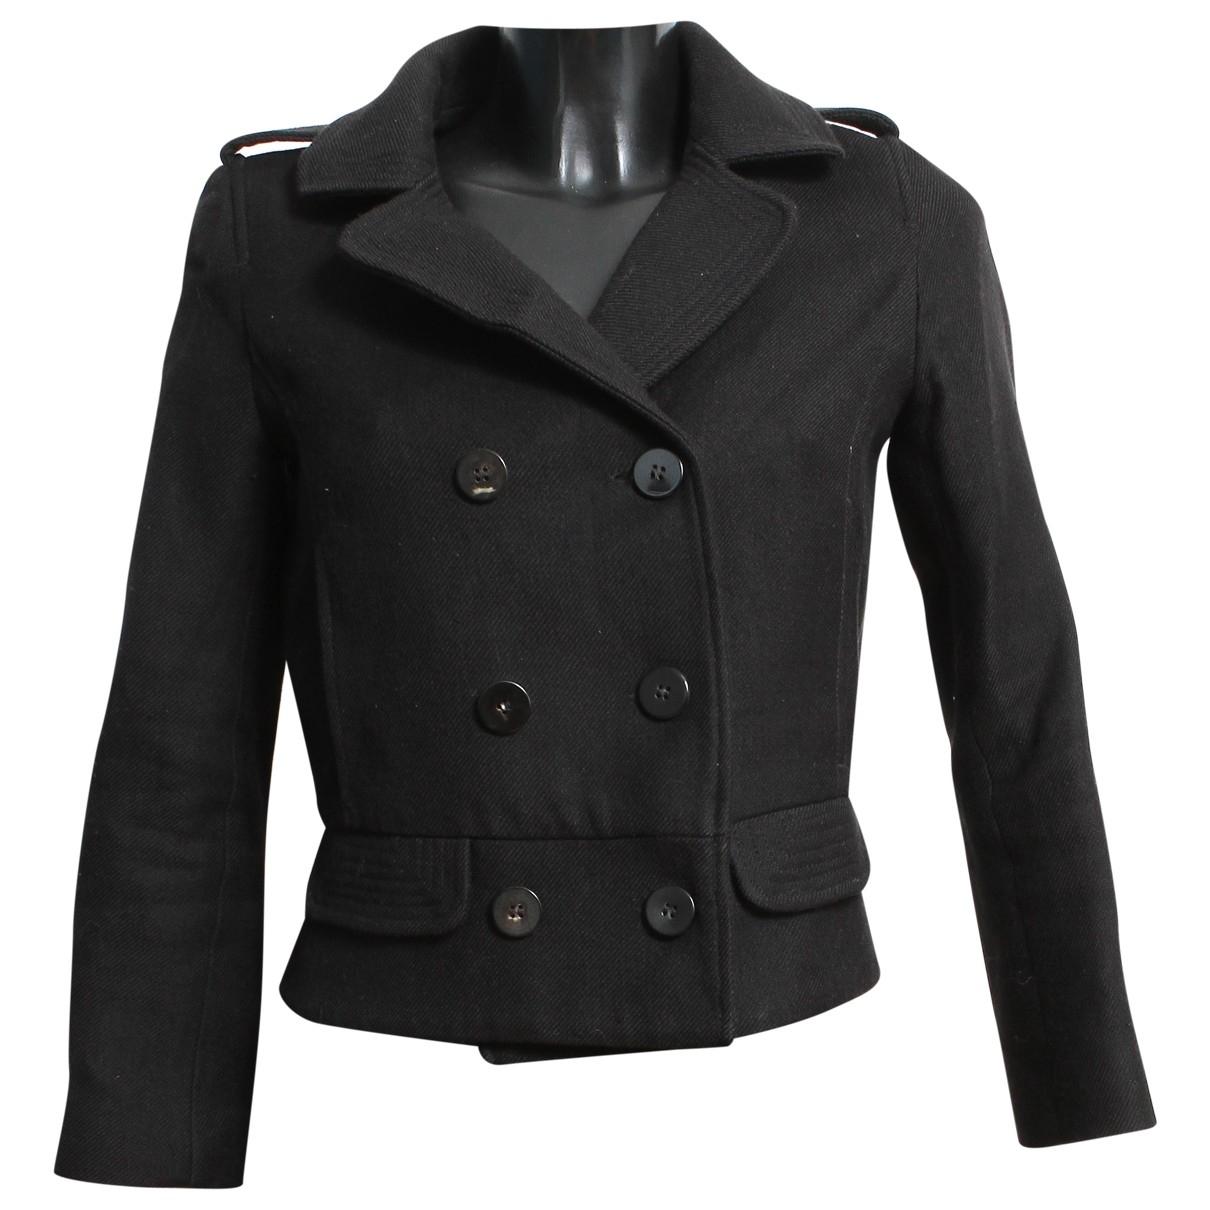 Sandro \N Black Cotton jacket for Women 38 FR